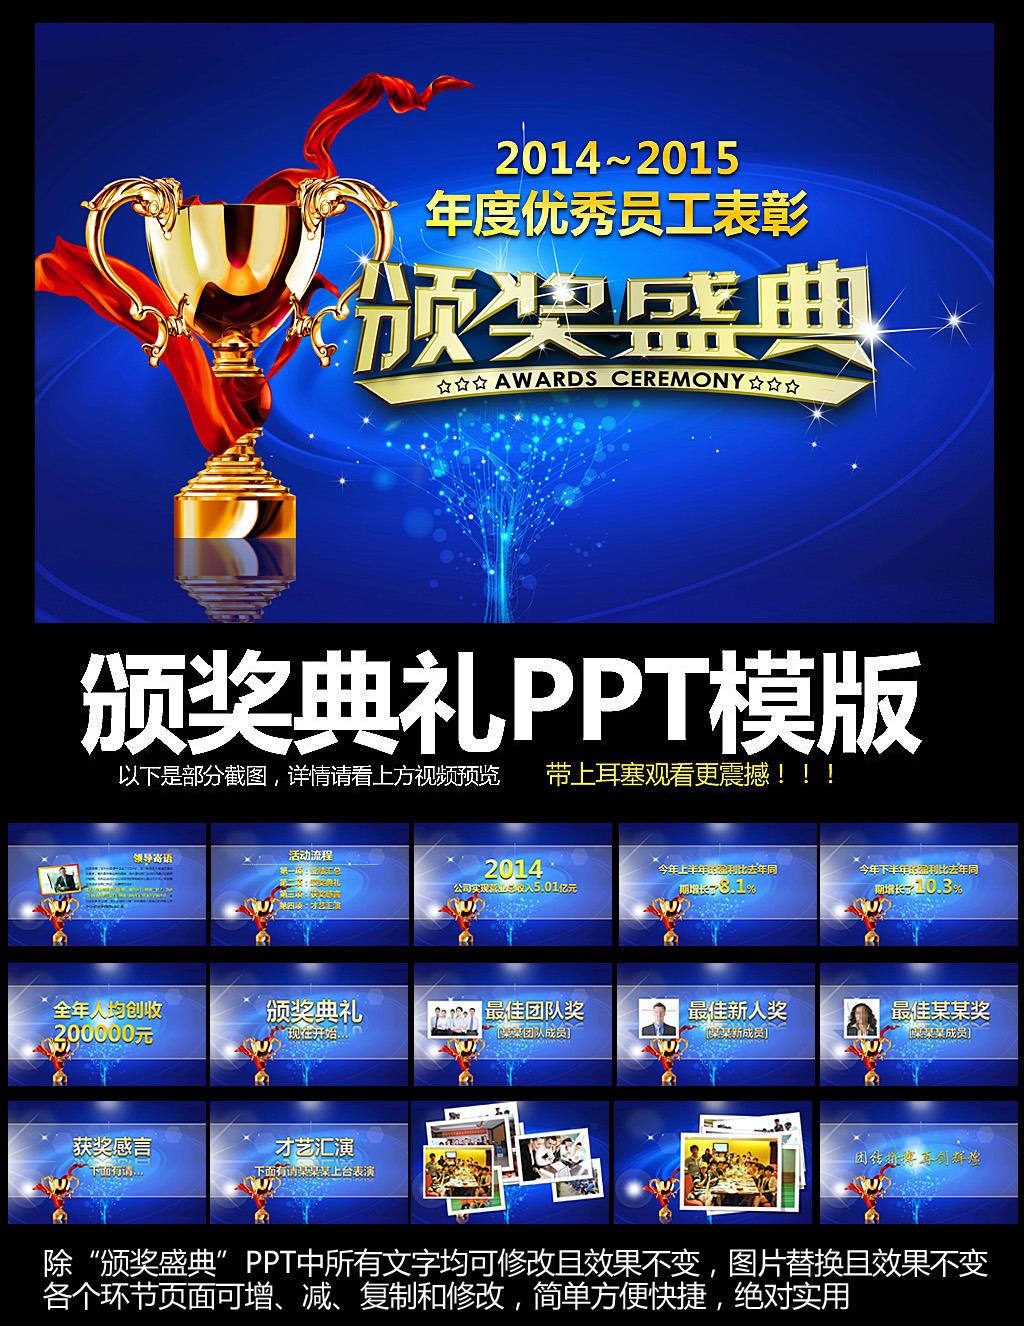 2015年会颁奖典礼片头ppt模版模板下载(图片编号:)